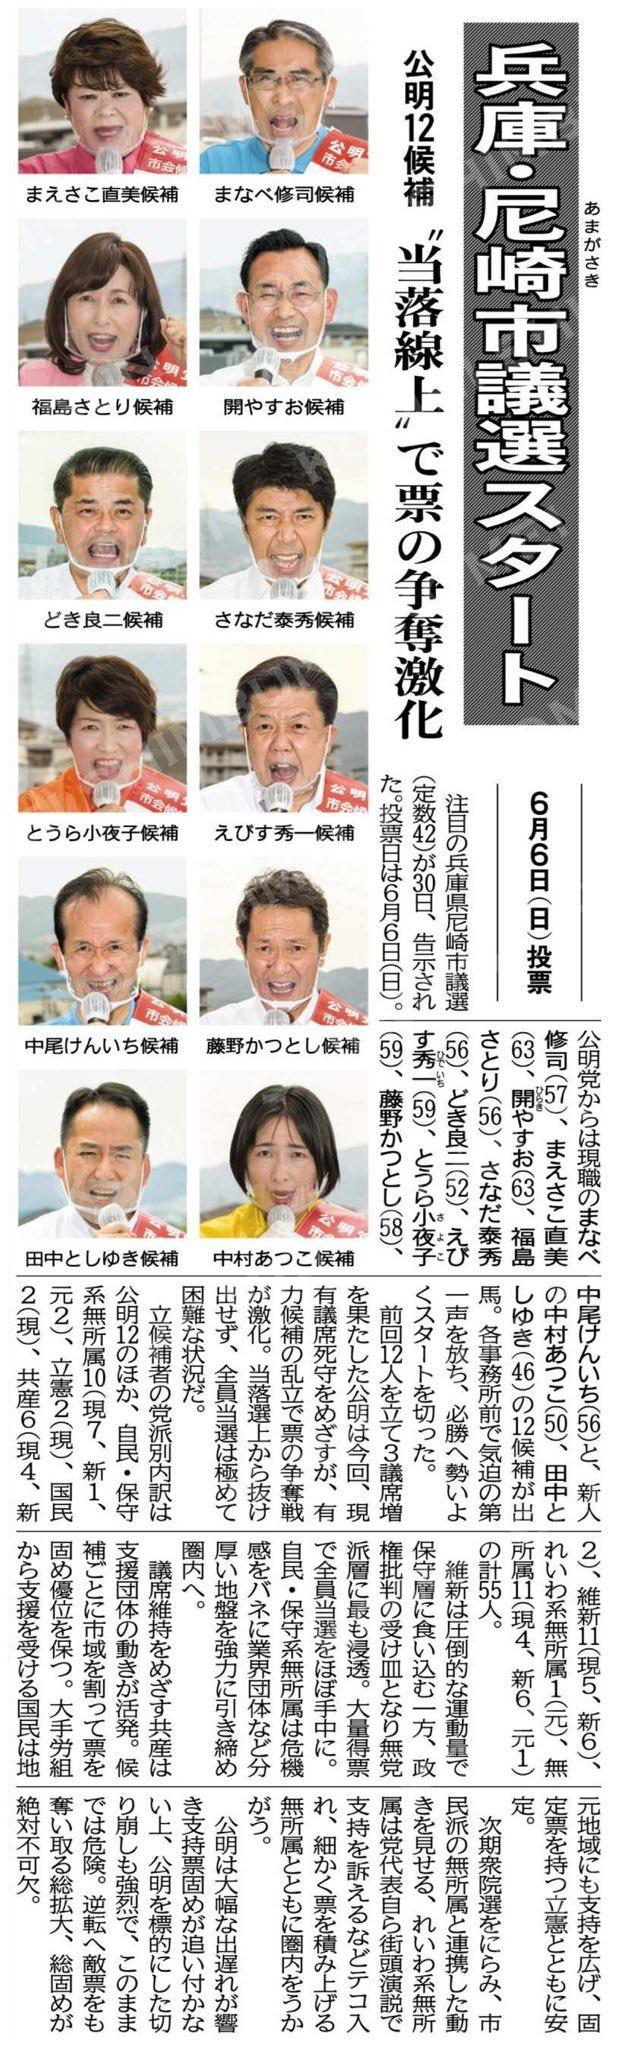 尼崎市議選、期日前投票開始